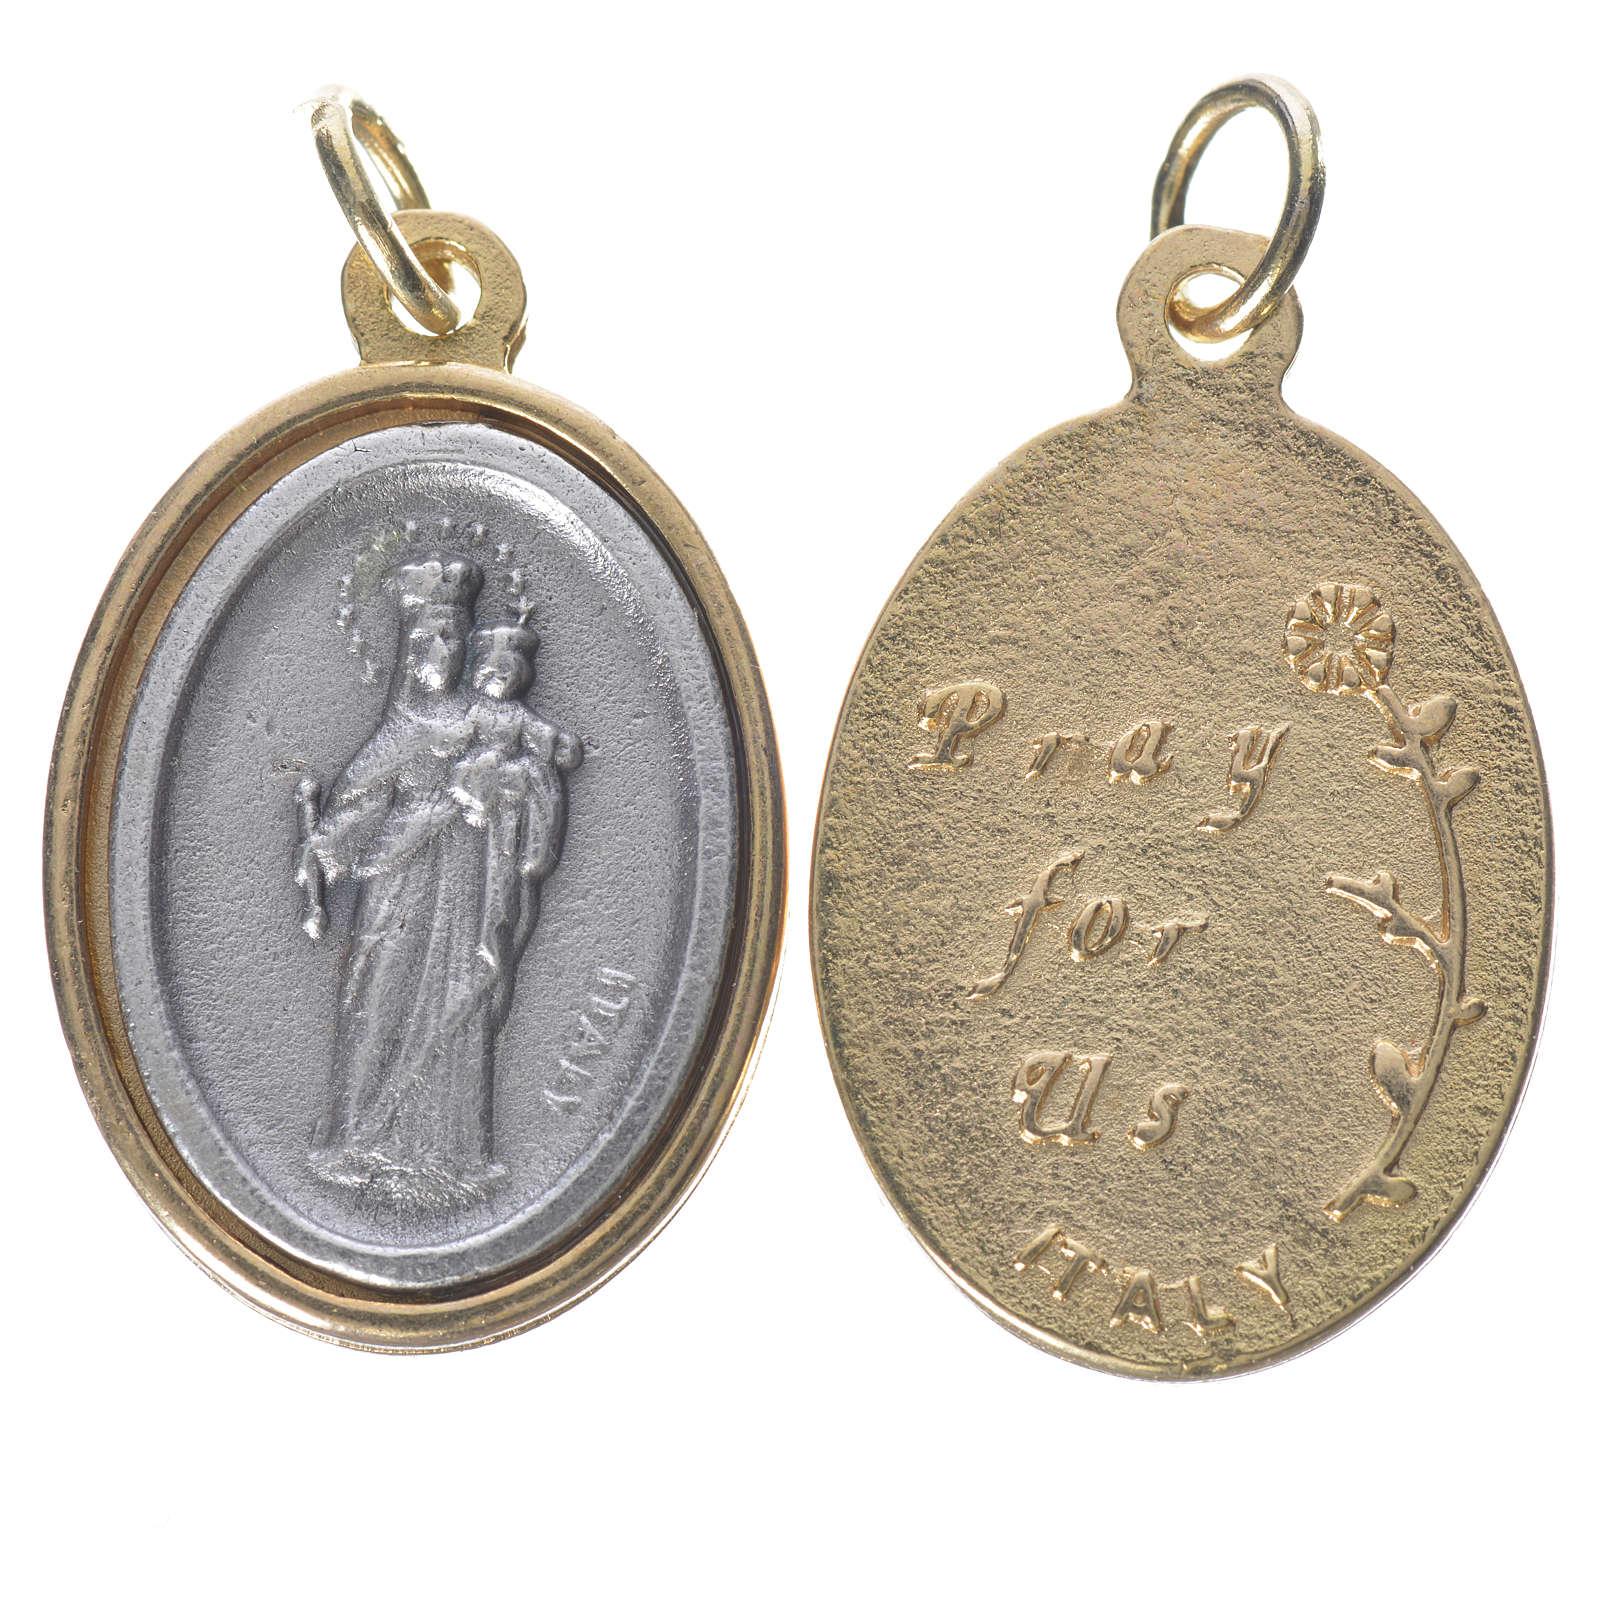 Medalla Auxiliadora metal dorado plateado 2,5 cm 4